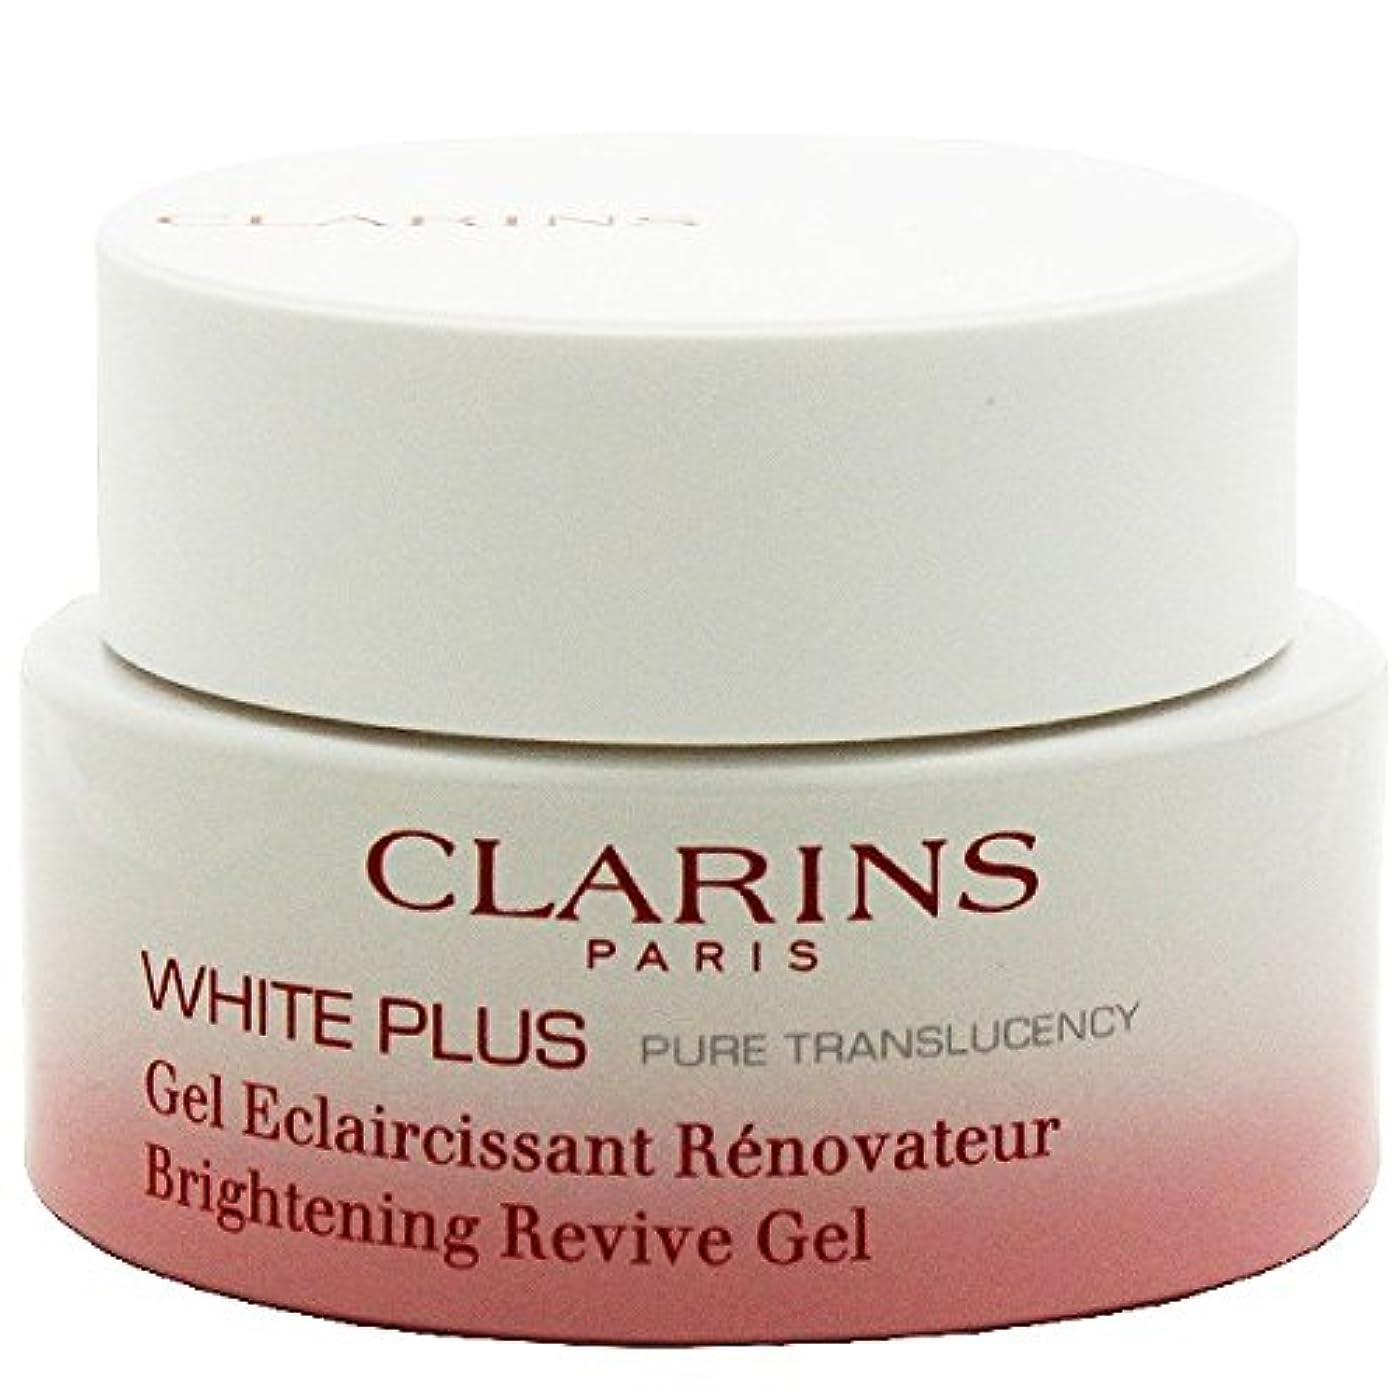 住人作り閉じ込めるクラランス(CLARINS) ホワイト-プラス ブライト ナイト ジェル 50ml[並行輸入品]